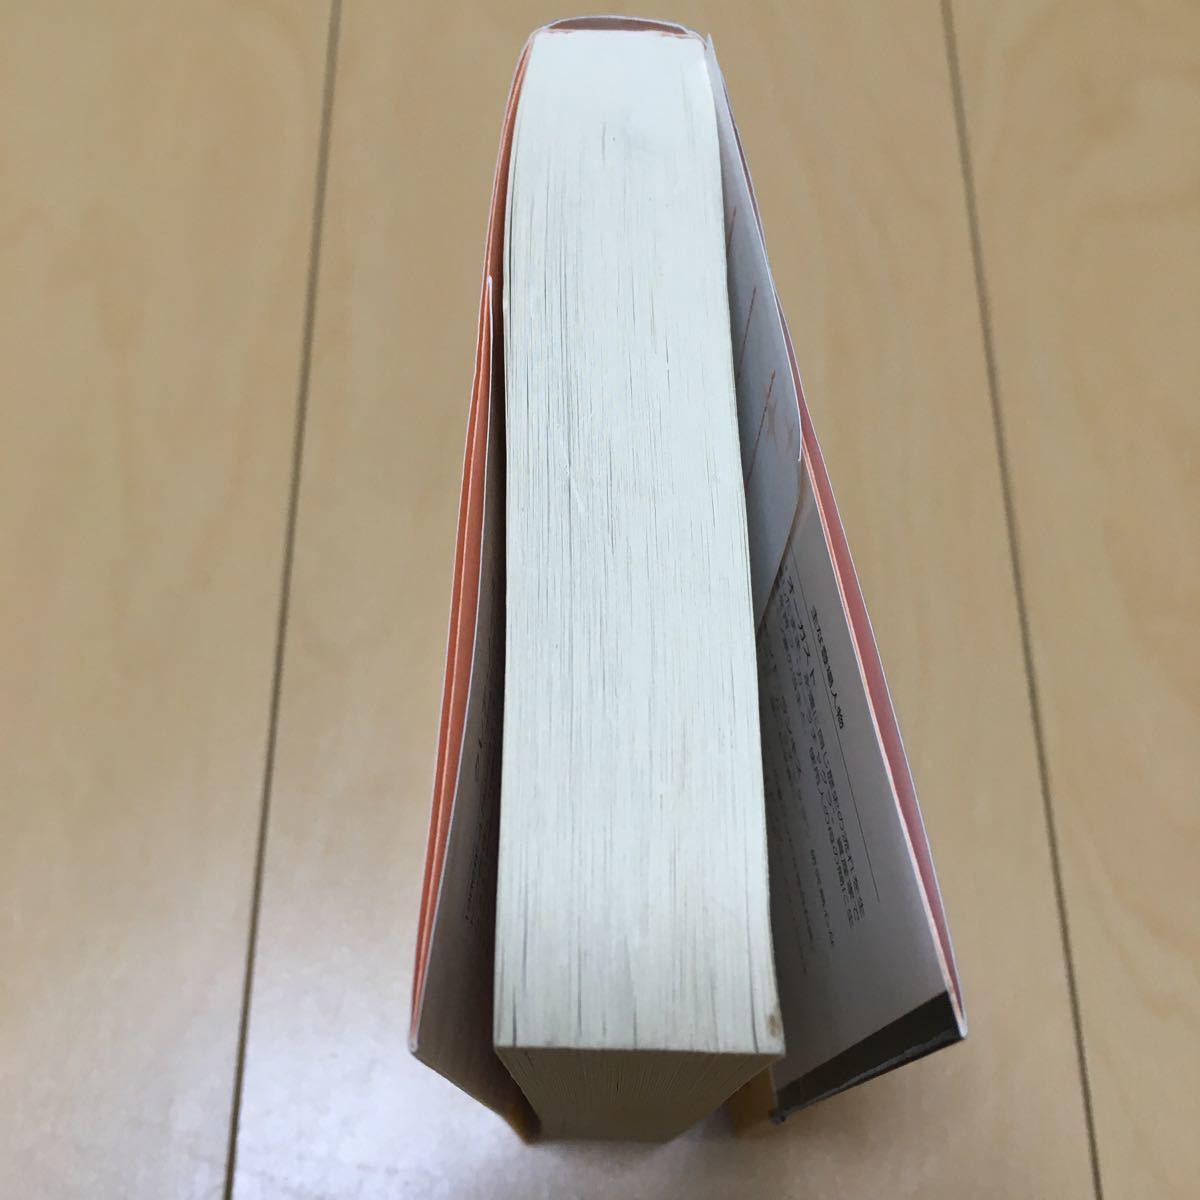 ハリー・オーガスト 15回目の人生 クレア・ノース 角川文庫